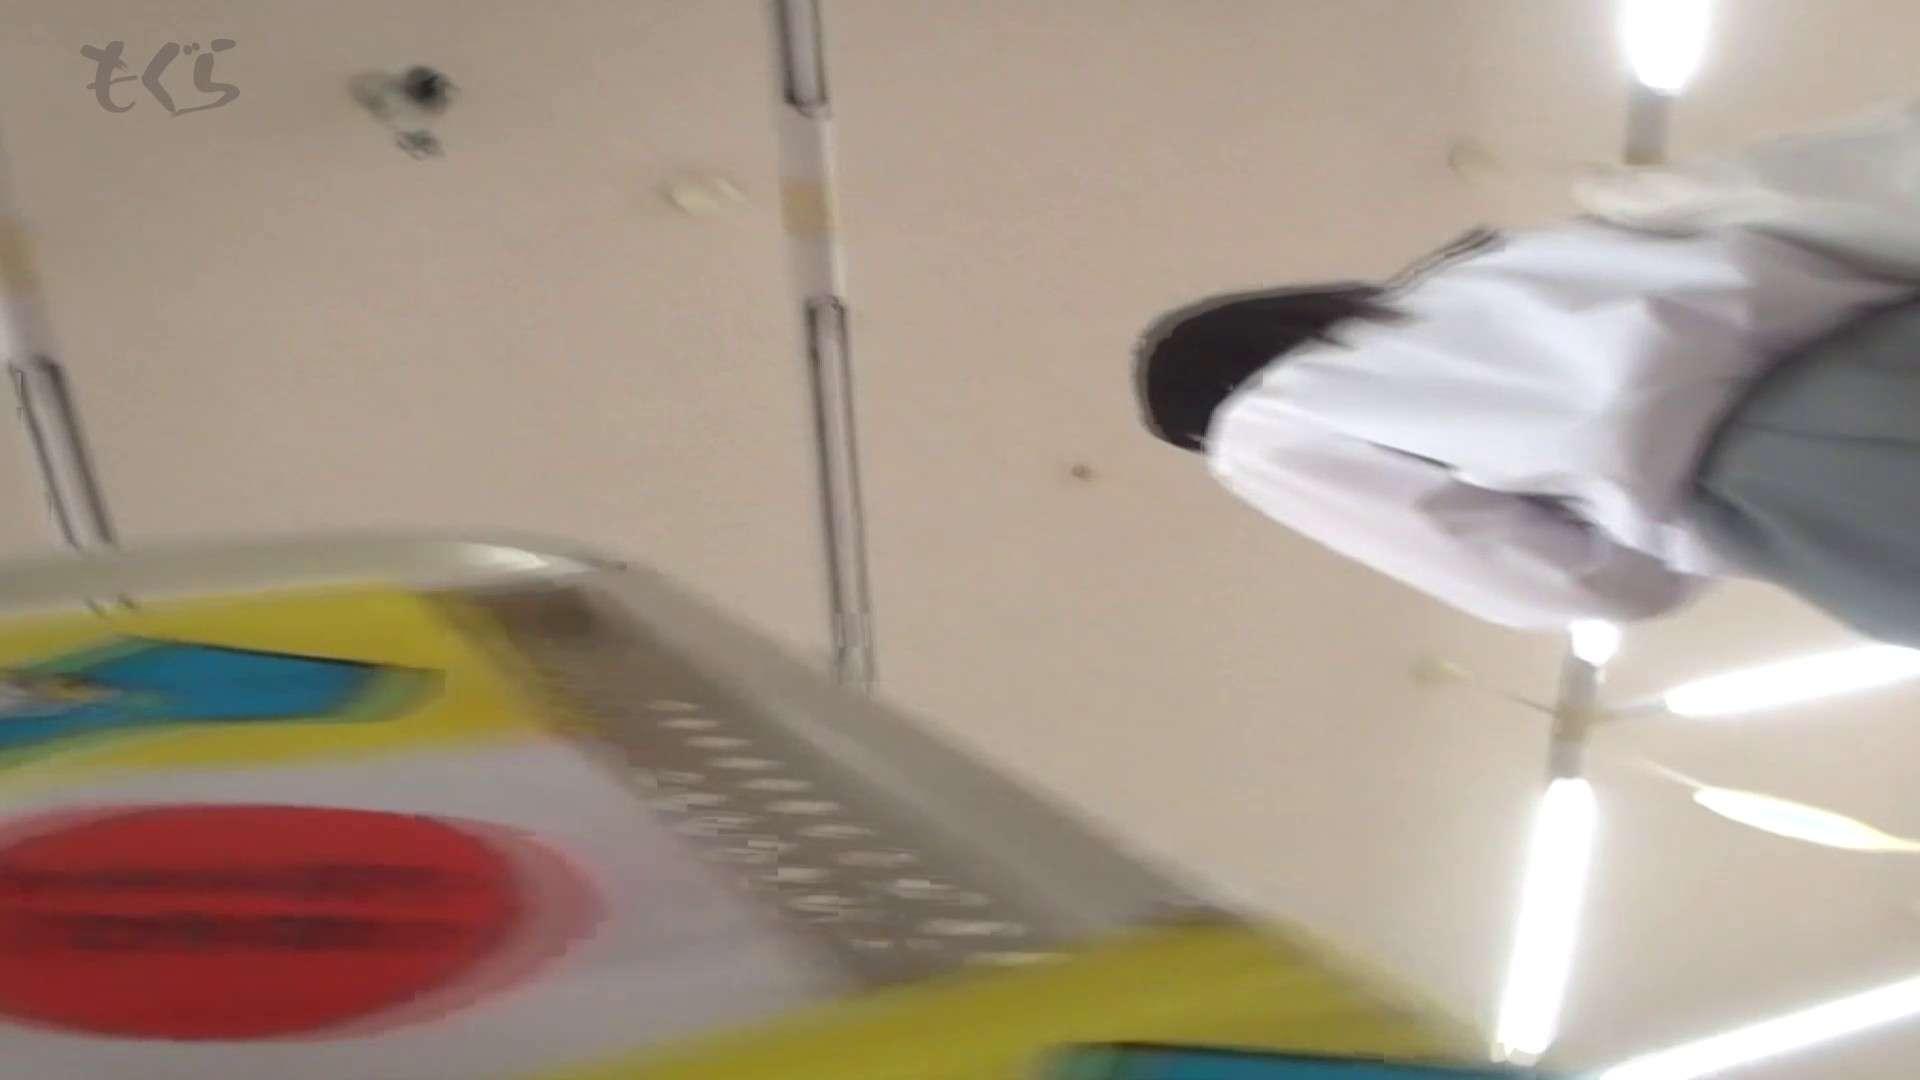 隣から【期間限定品】No.02 文庫女子はやはり白パン!! 丸見え | パンチラ女子  96枚 1